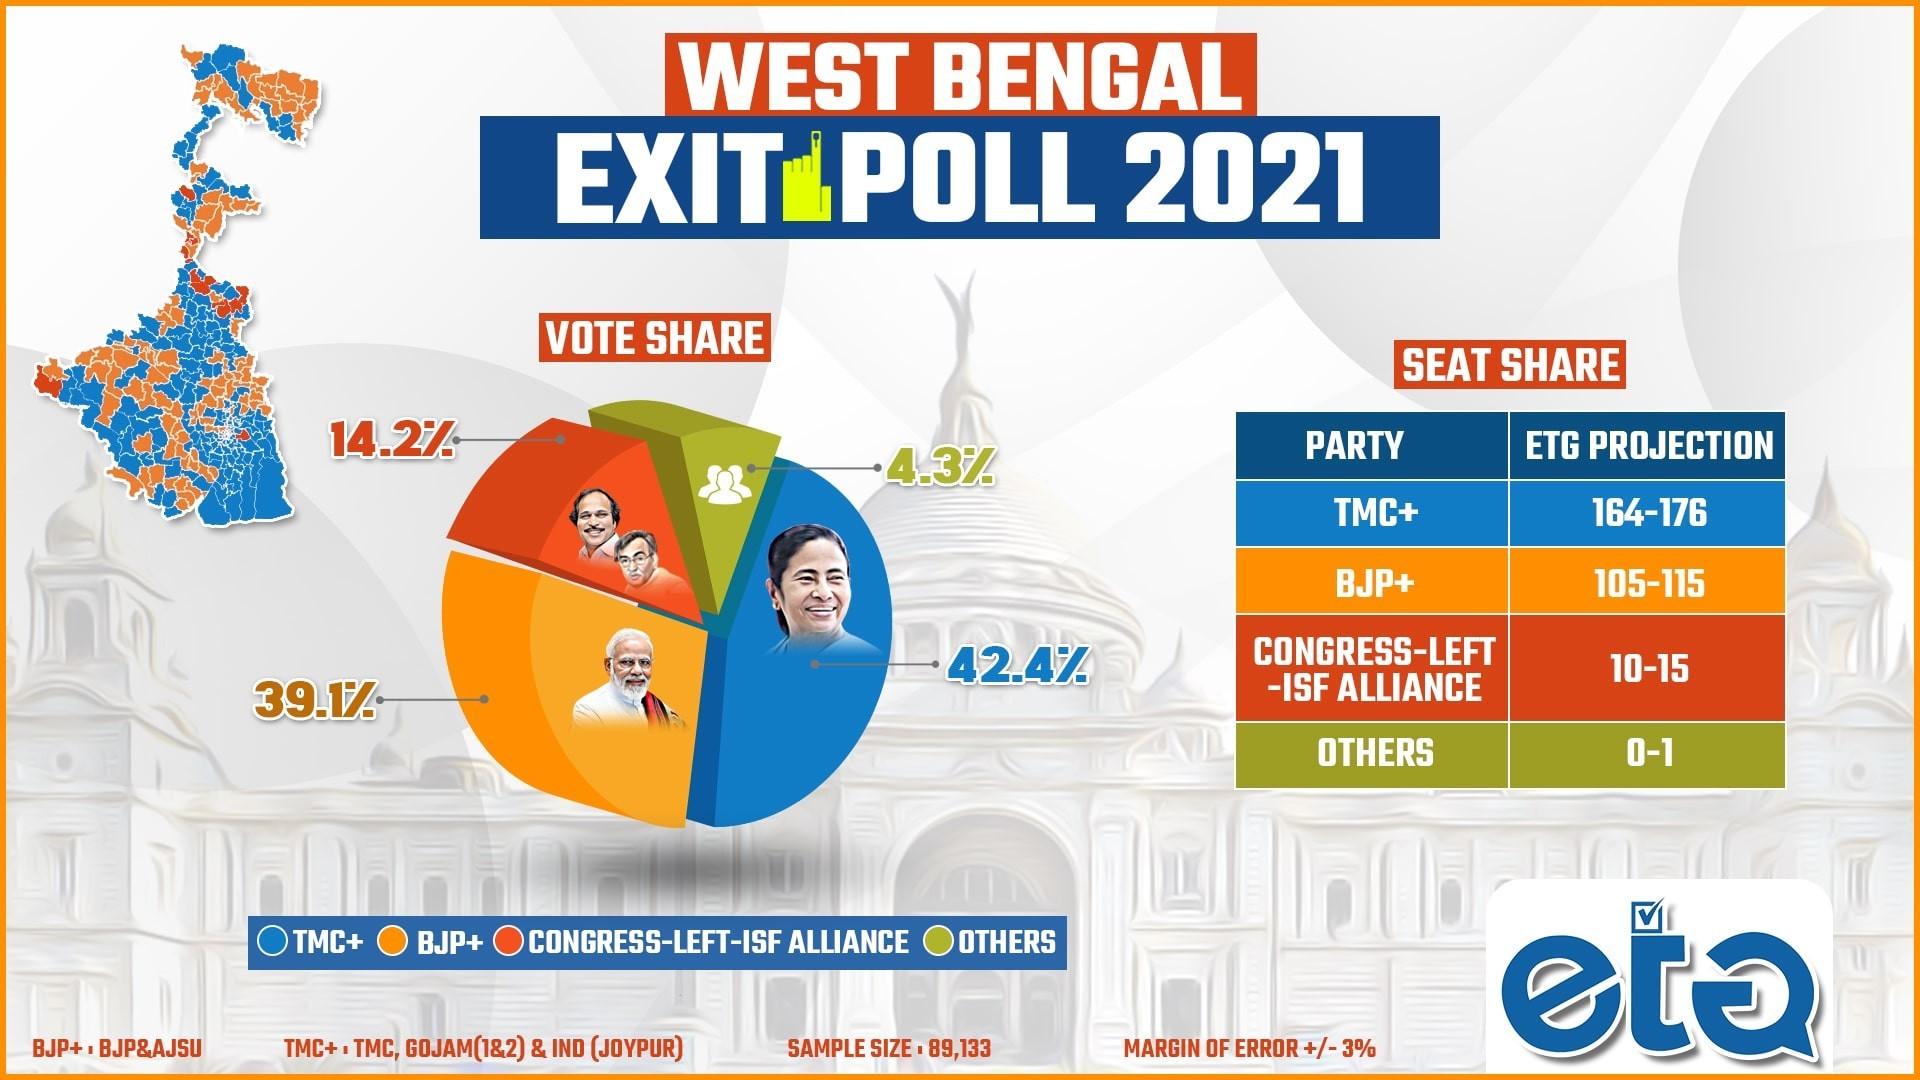 West Bengal Exit Poll - EtG